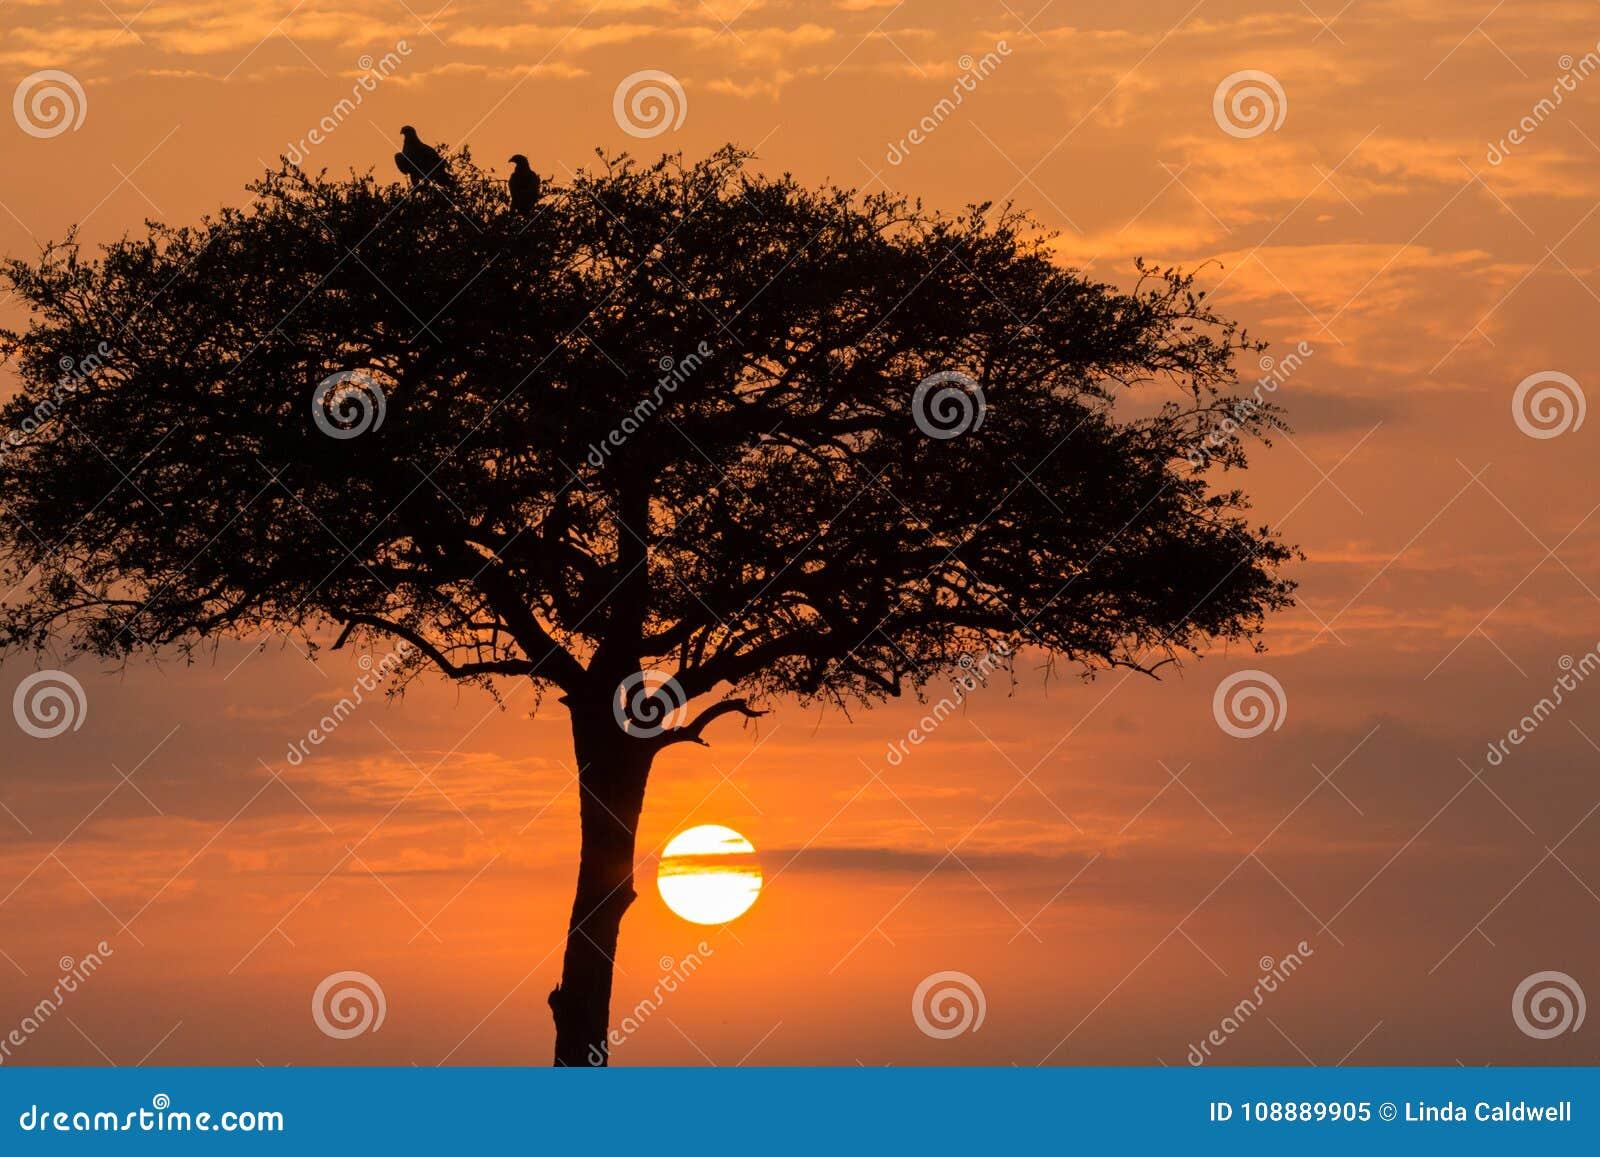 树和鸟现出轮廓在日出